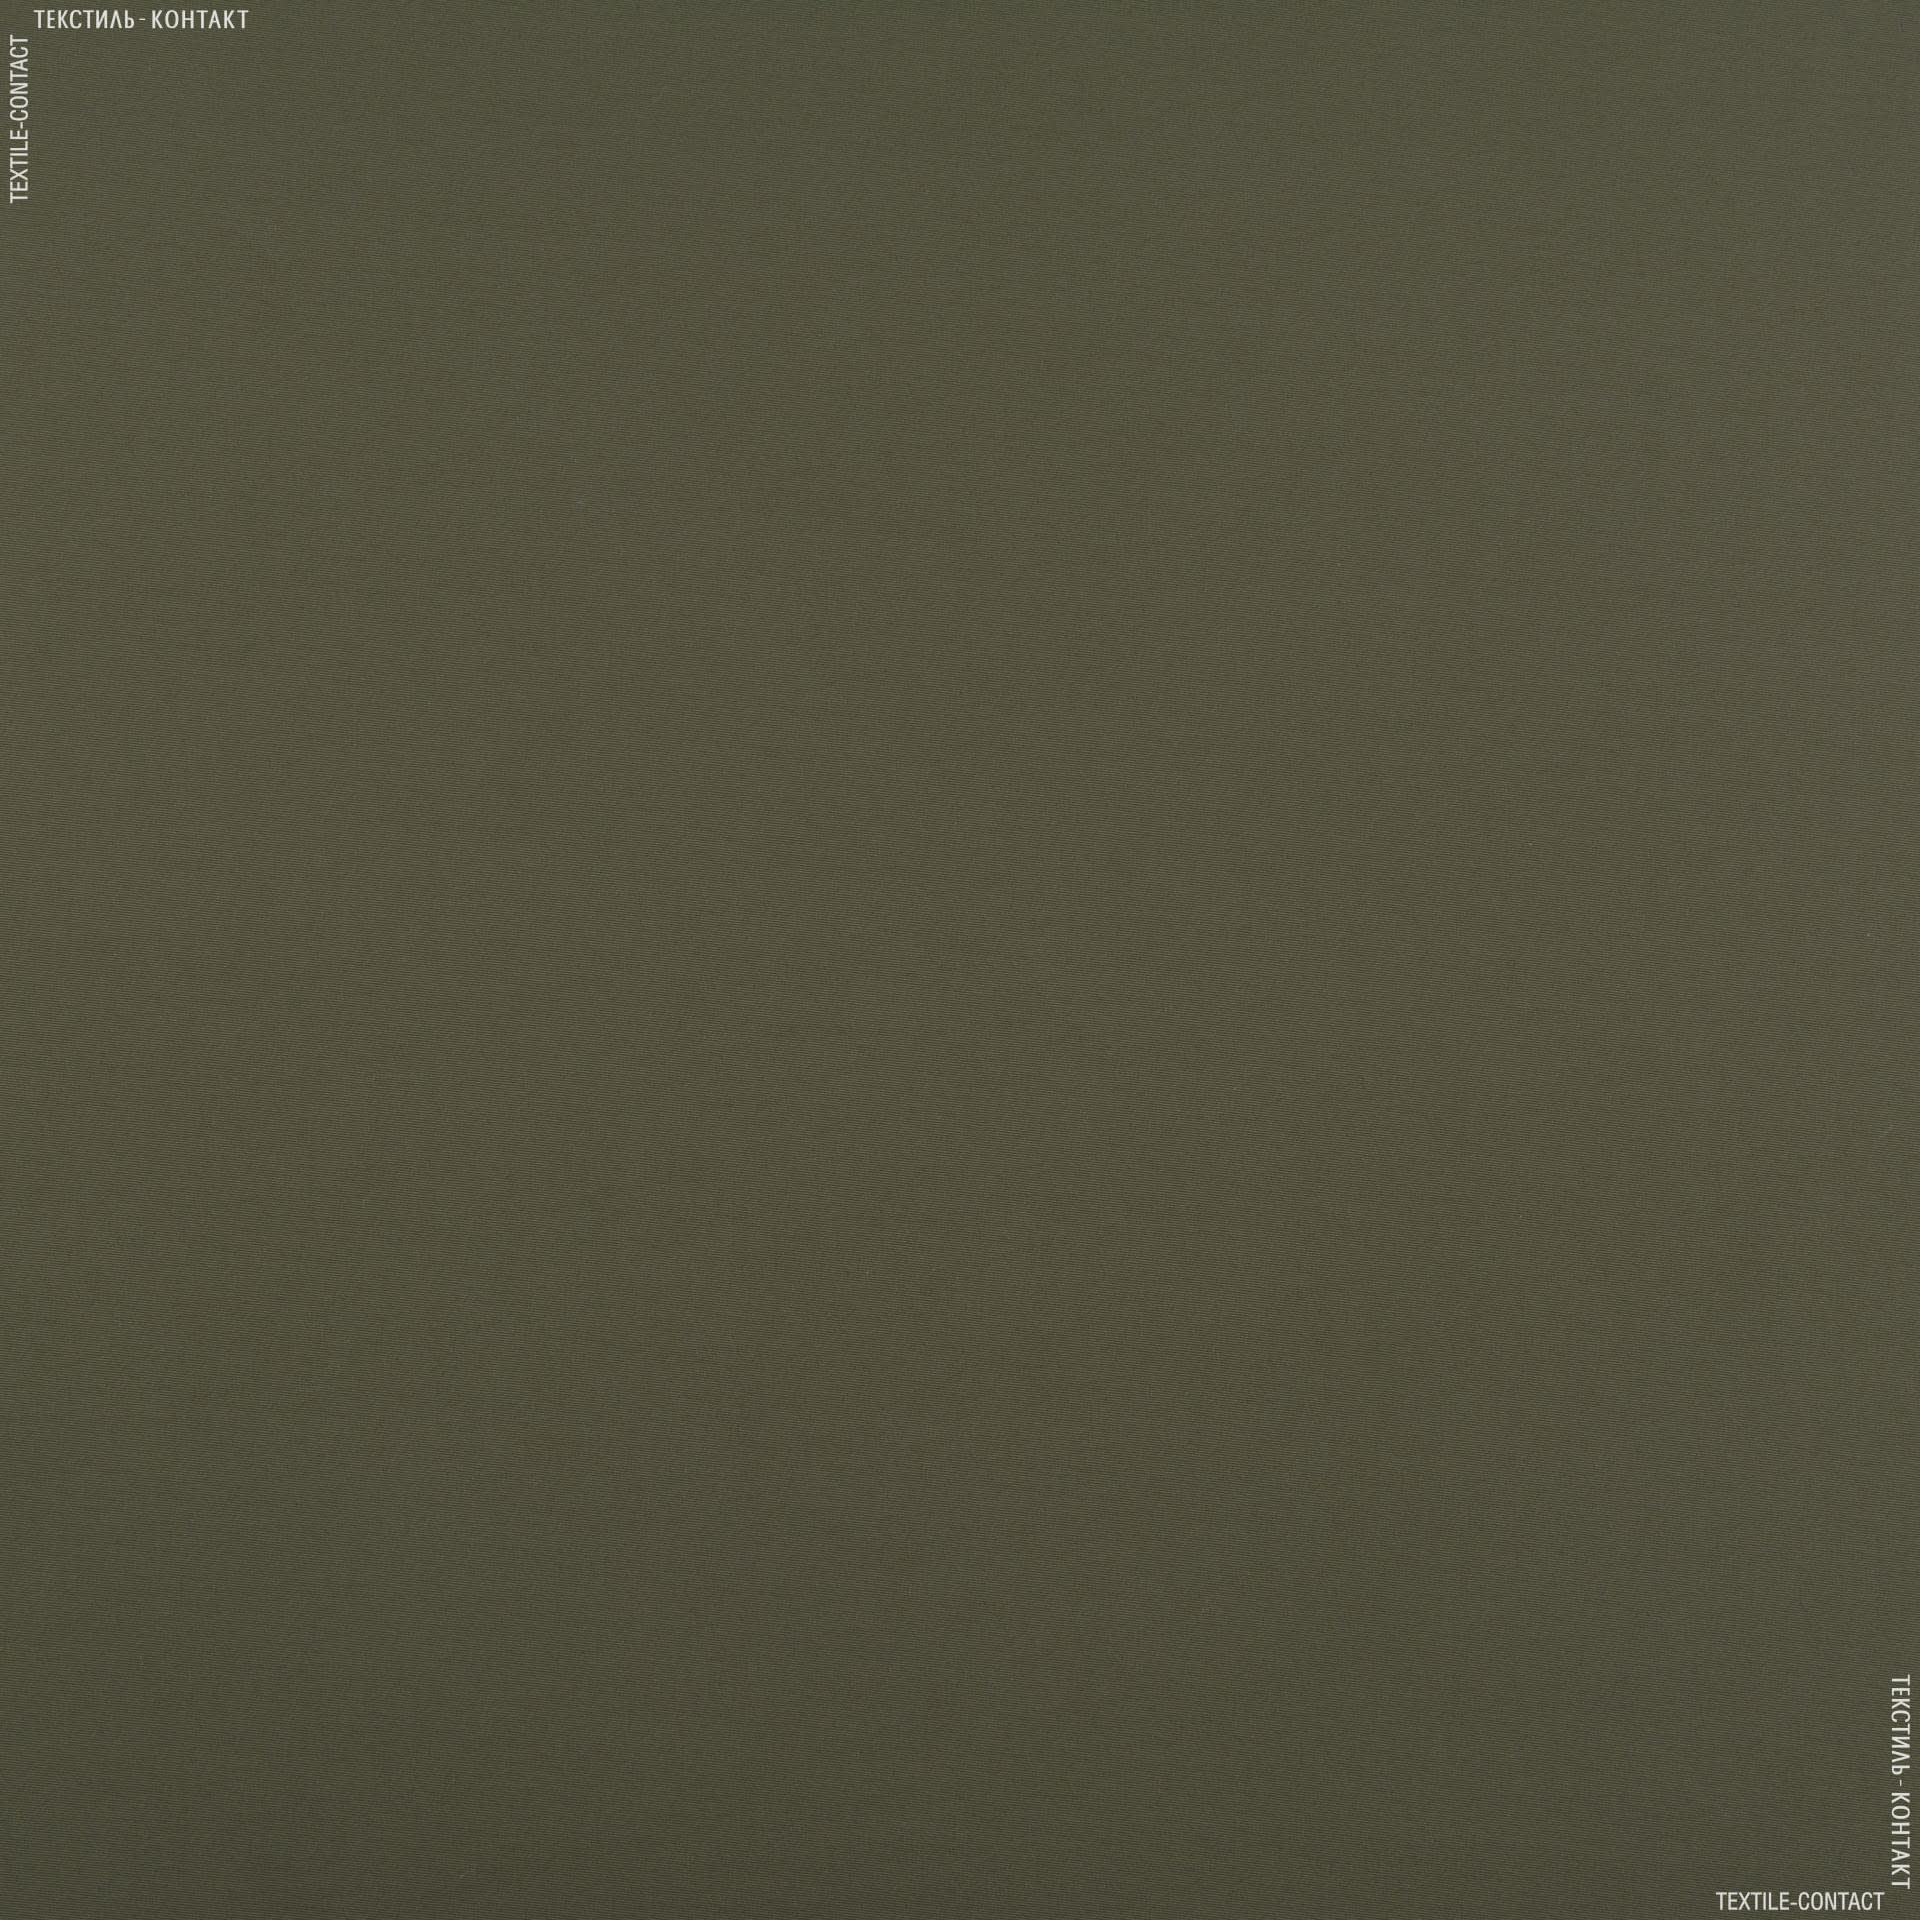 Ткани для верхней одежды - Ода сотина оливковый